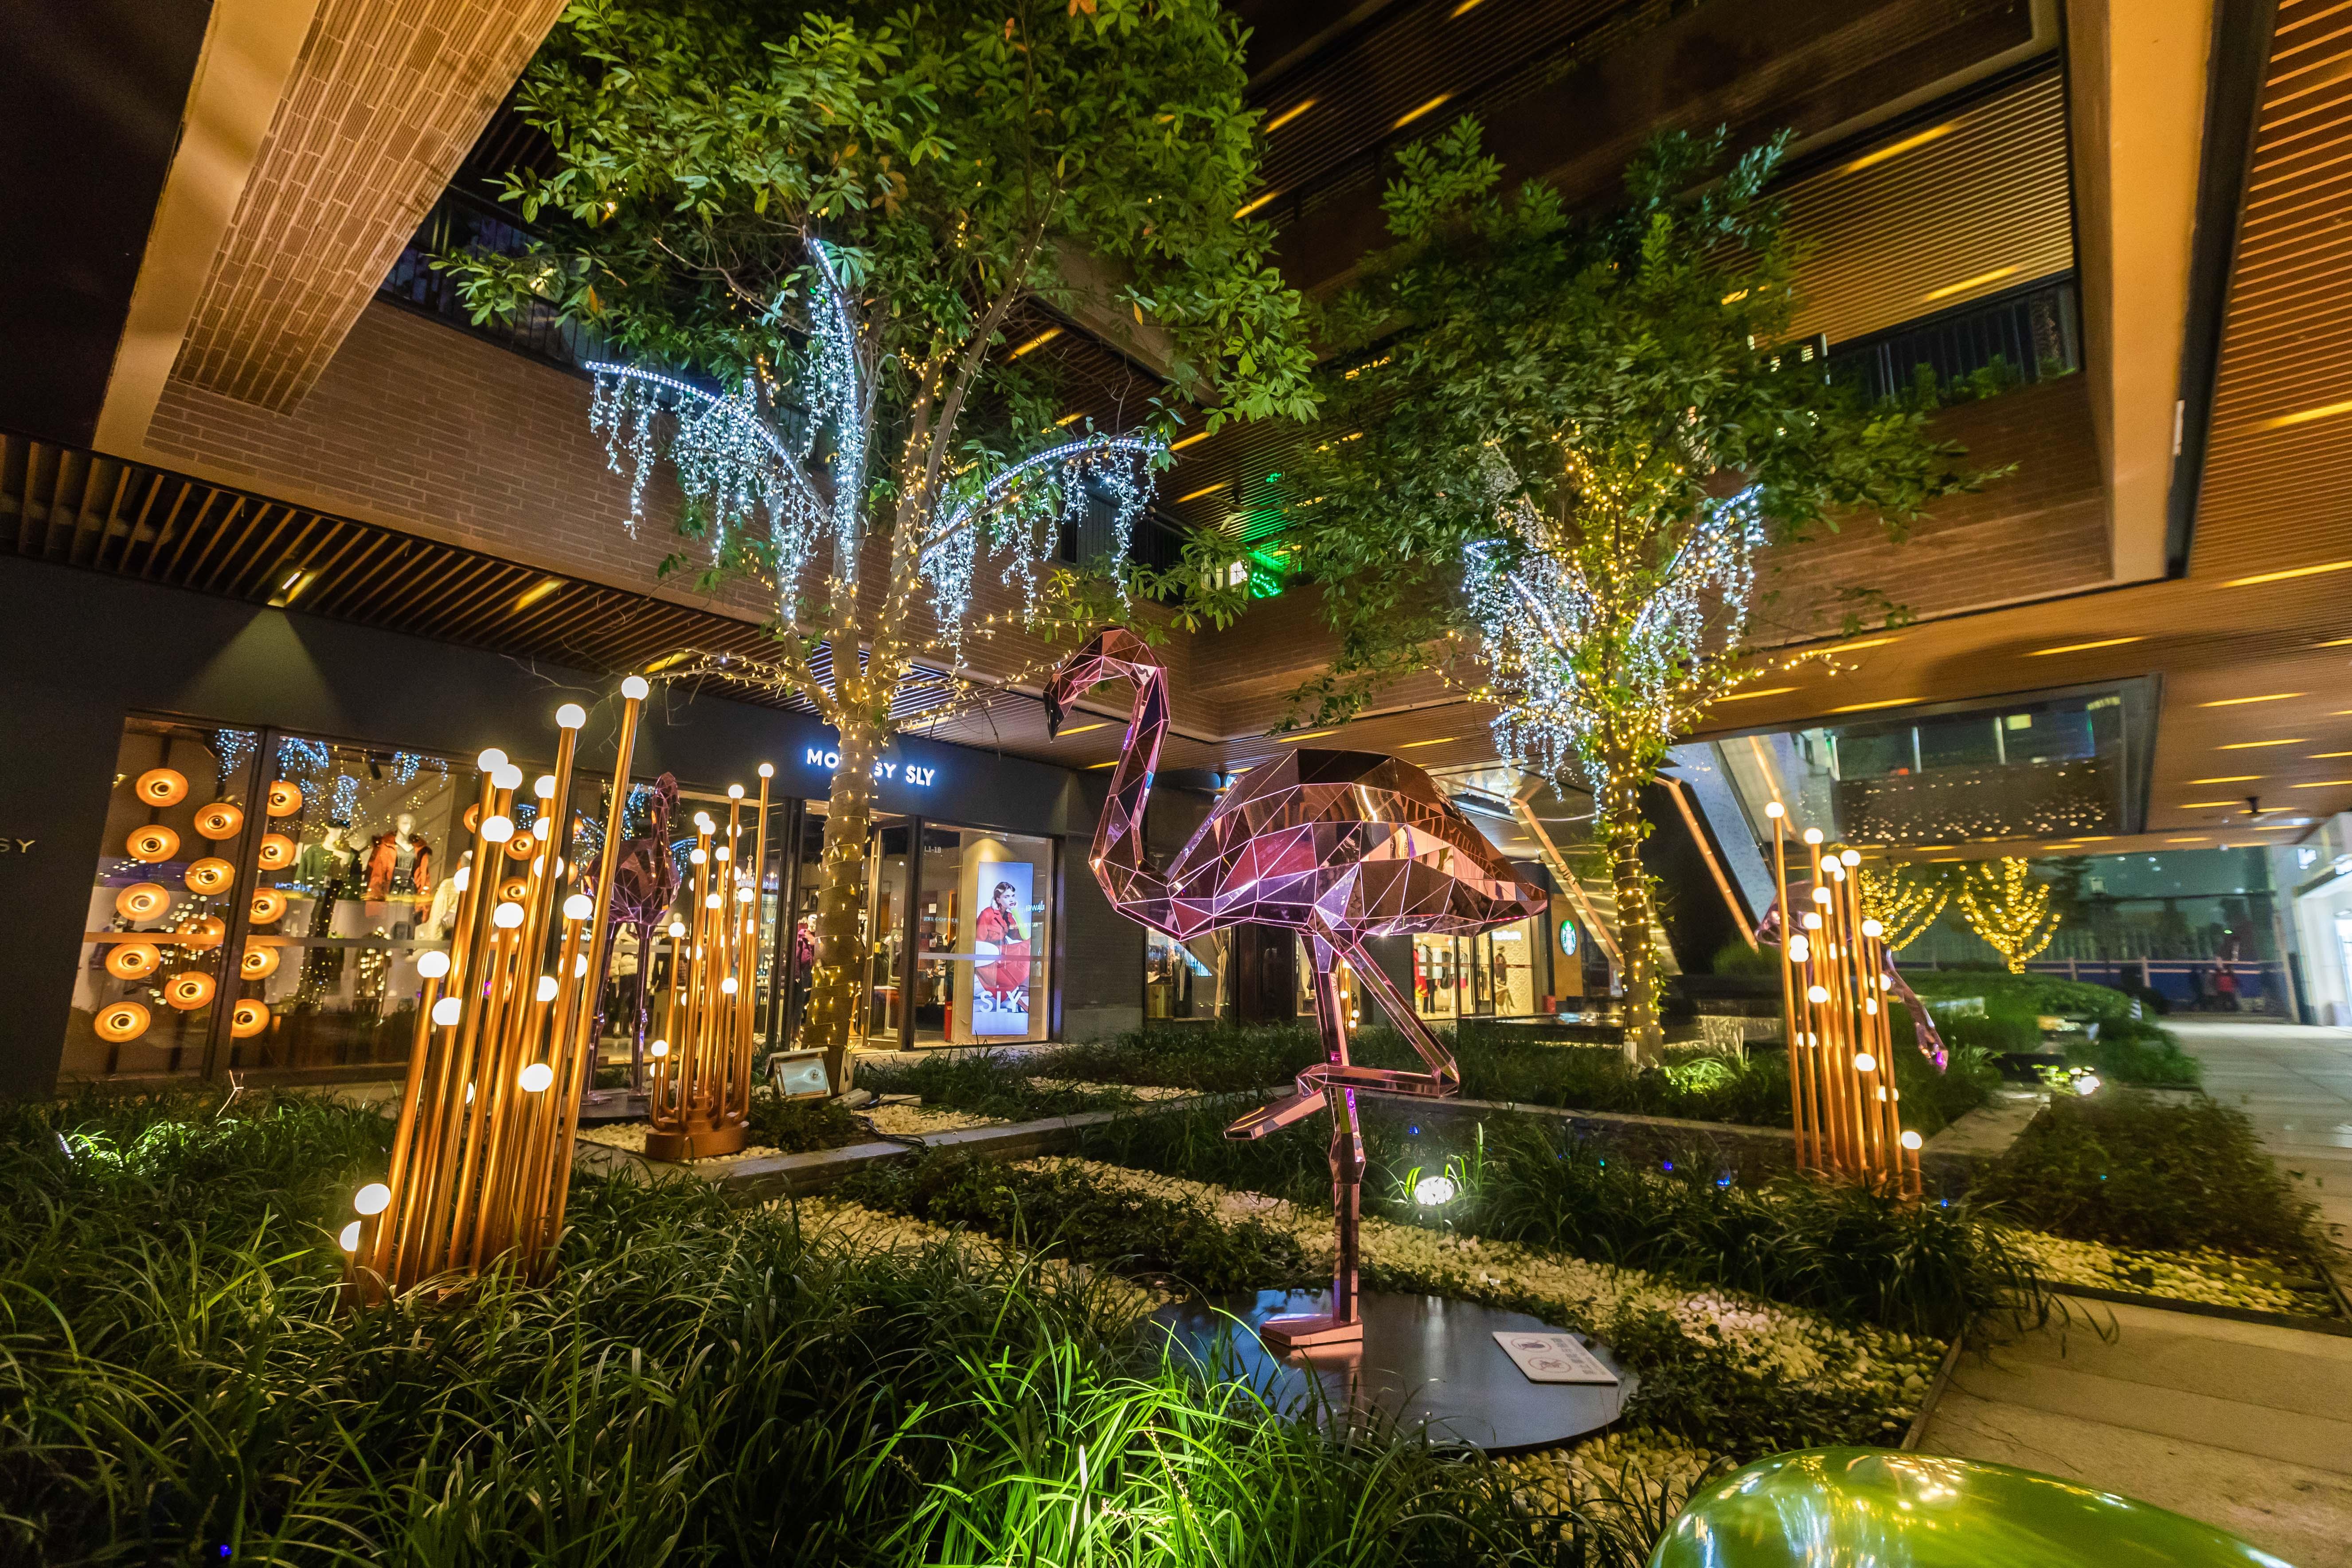 「光影上海」2018灯光艺术节闪耀瑞虹,动物园奇妙夜璀璨启幕!